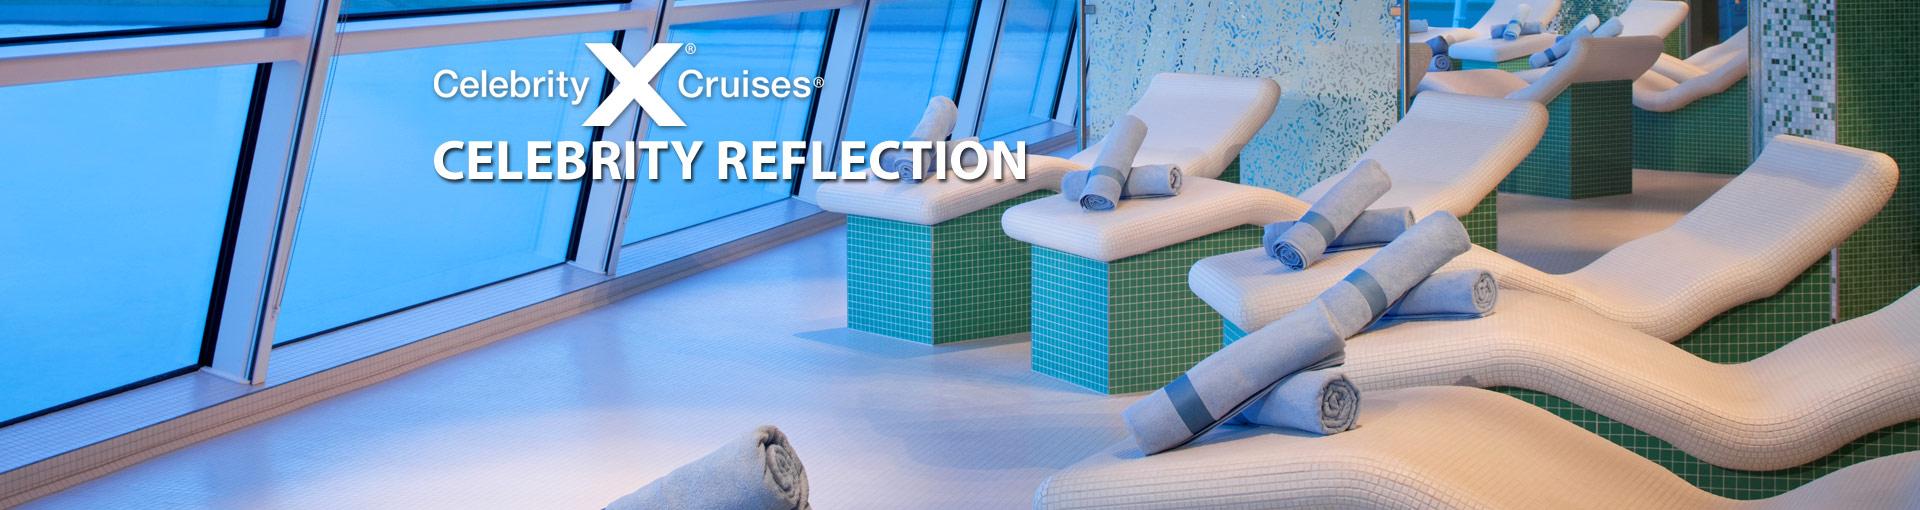 Celebrity Reflection cruise ship